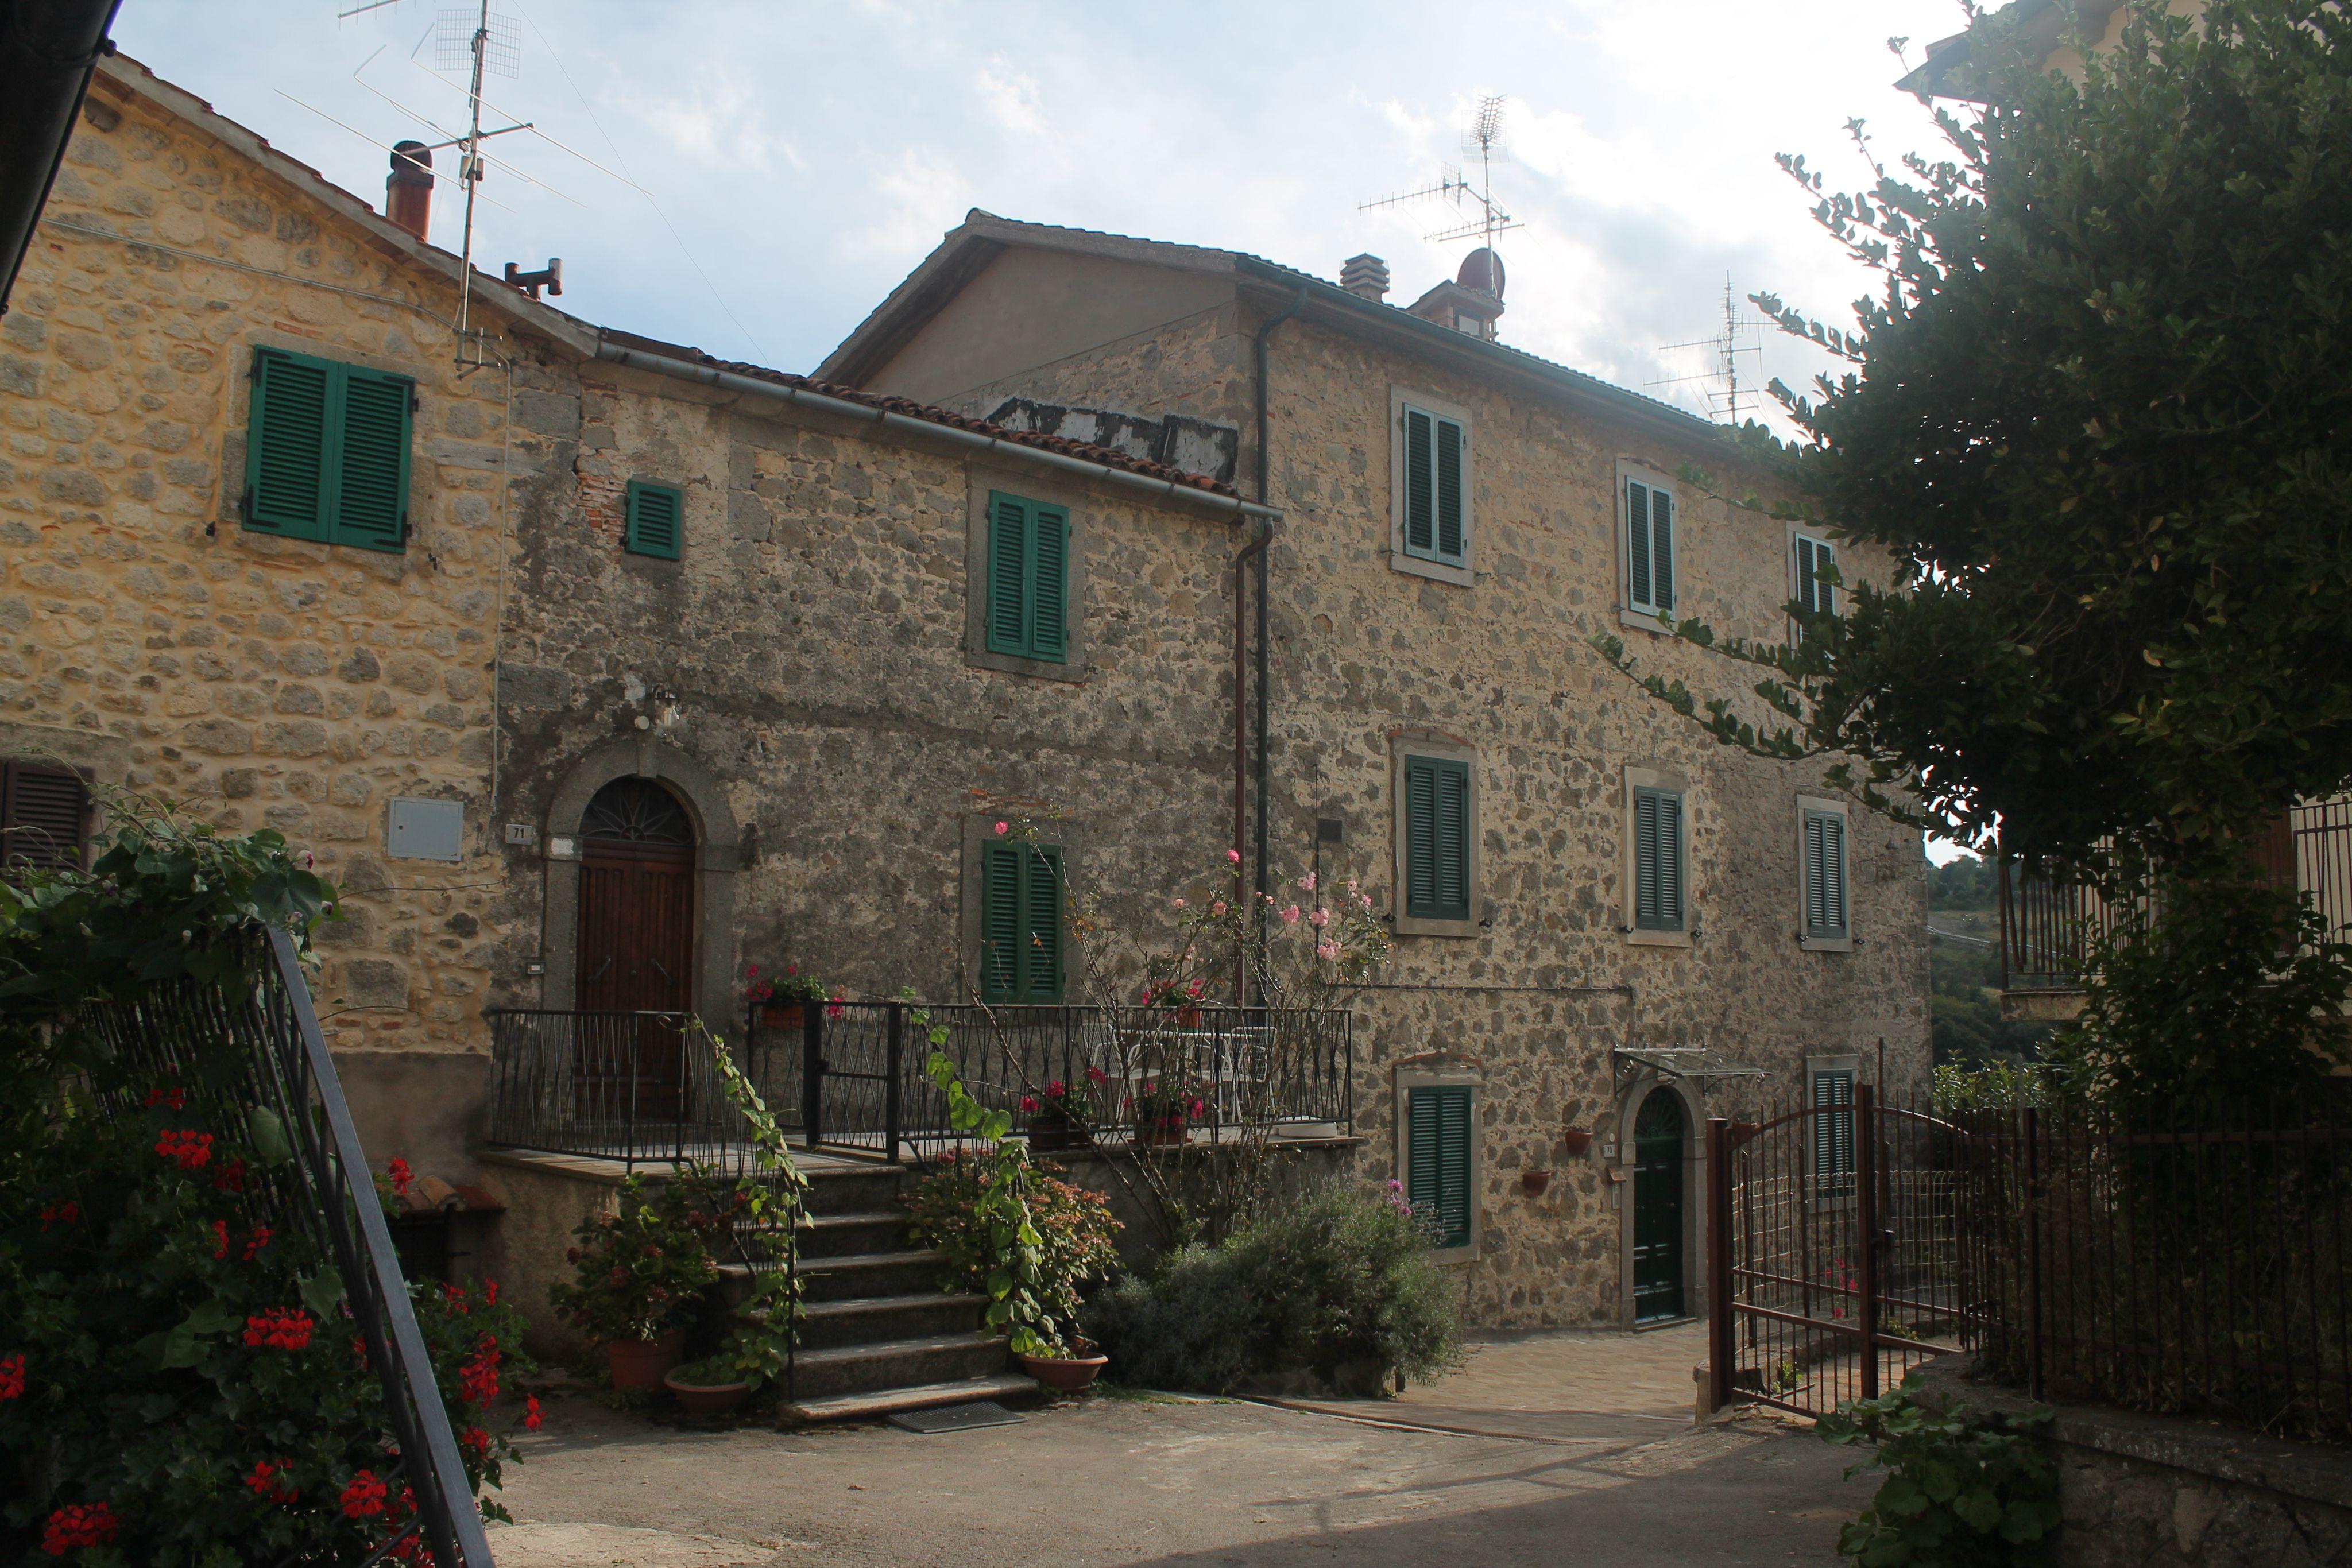 Bagnore centro storico